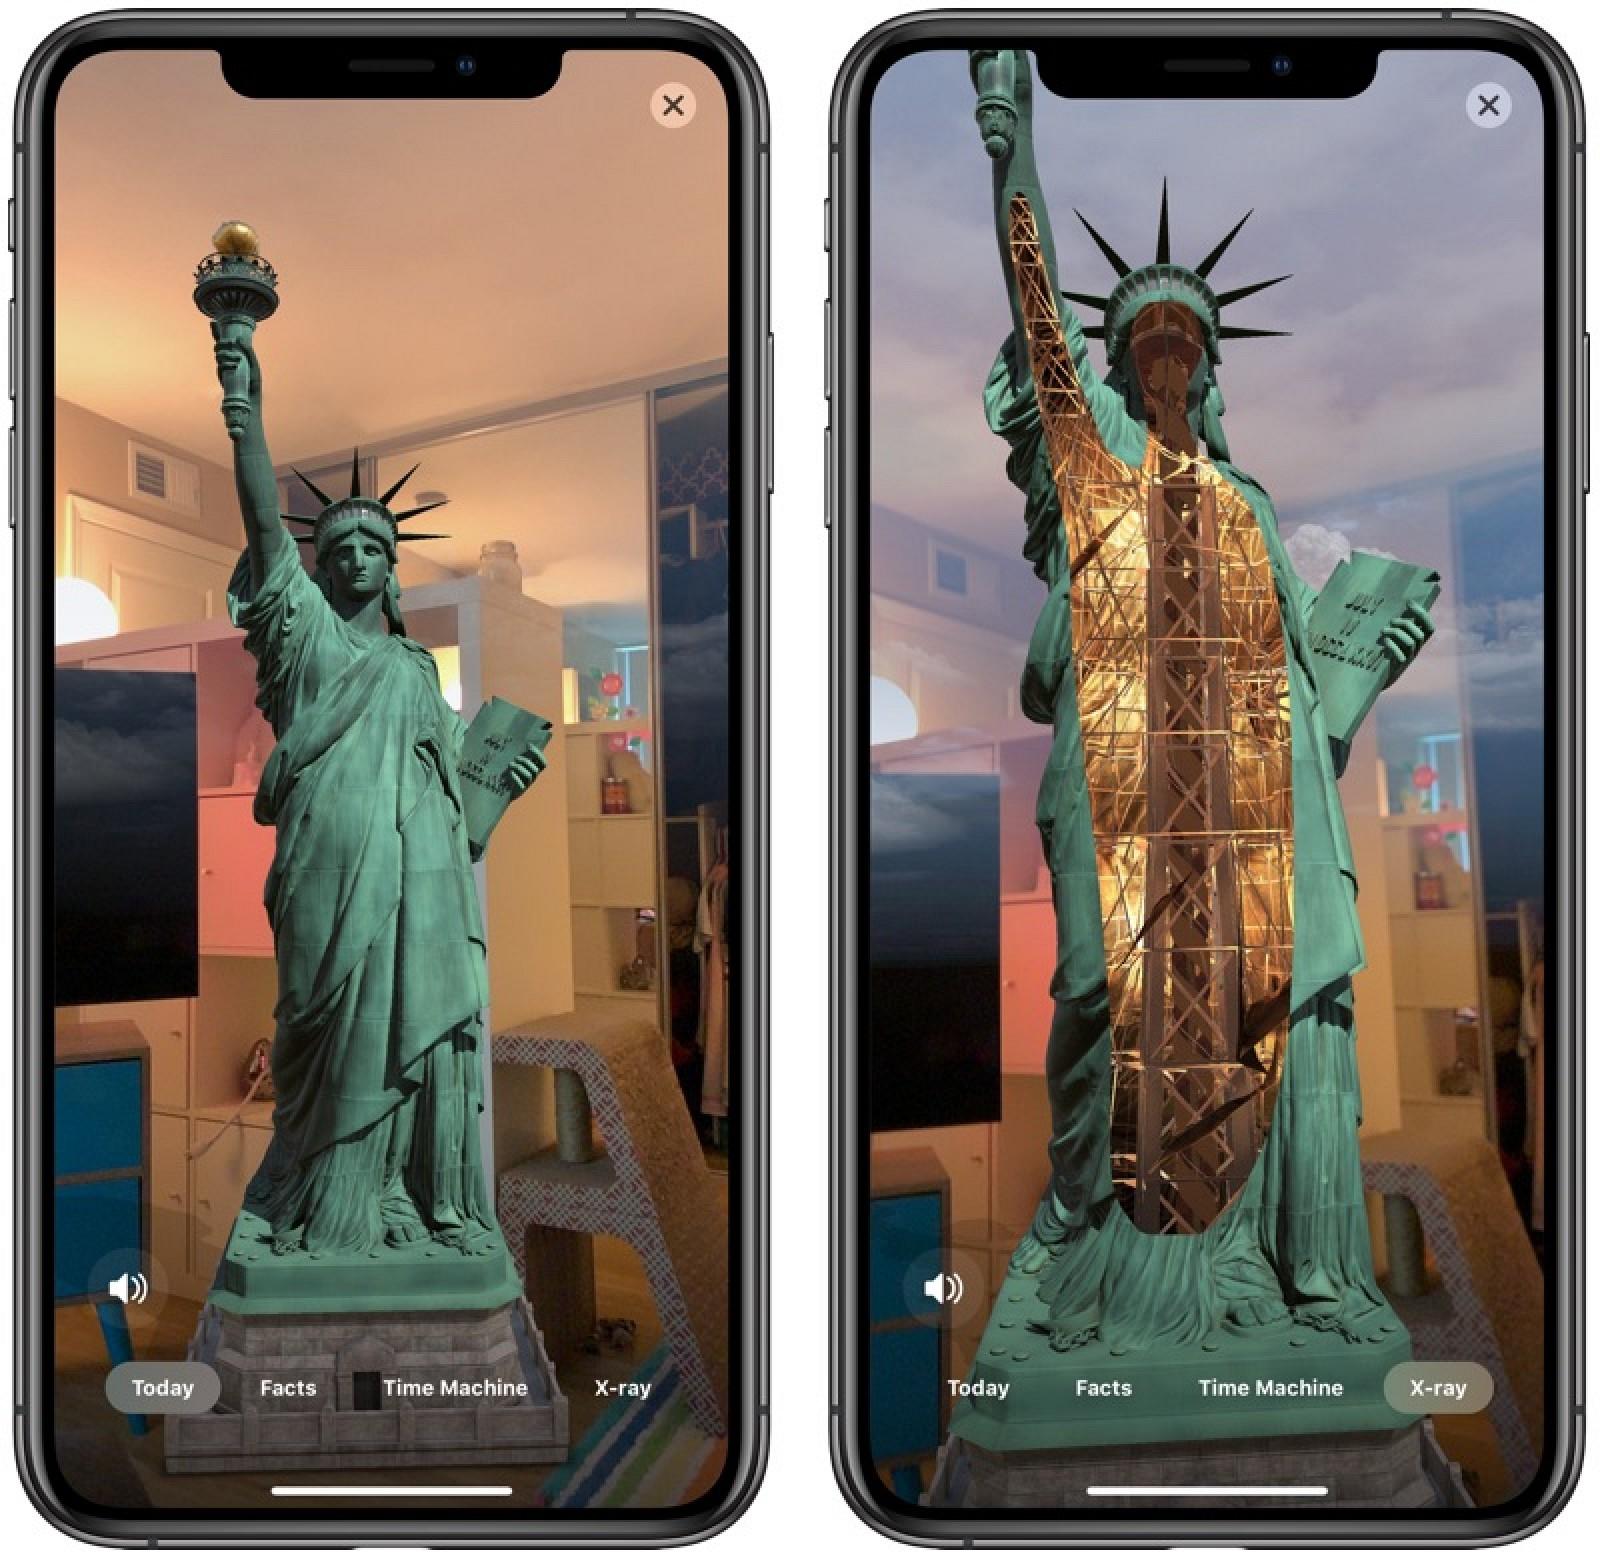 El CEO de Apple, Tim Cook, promueve la aplicación de realidad aumentada de la Estatua de la Libertad